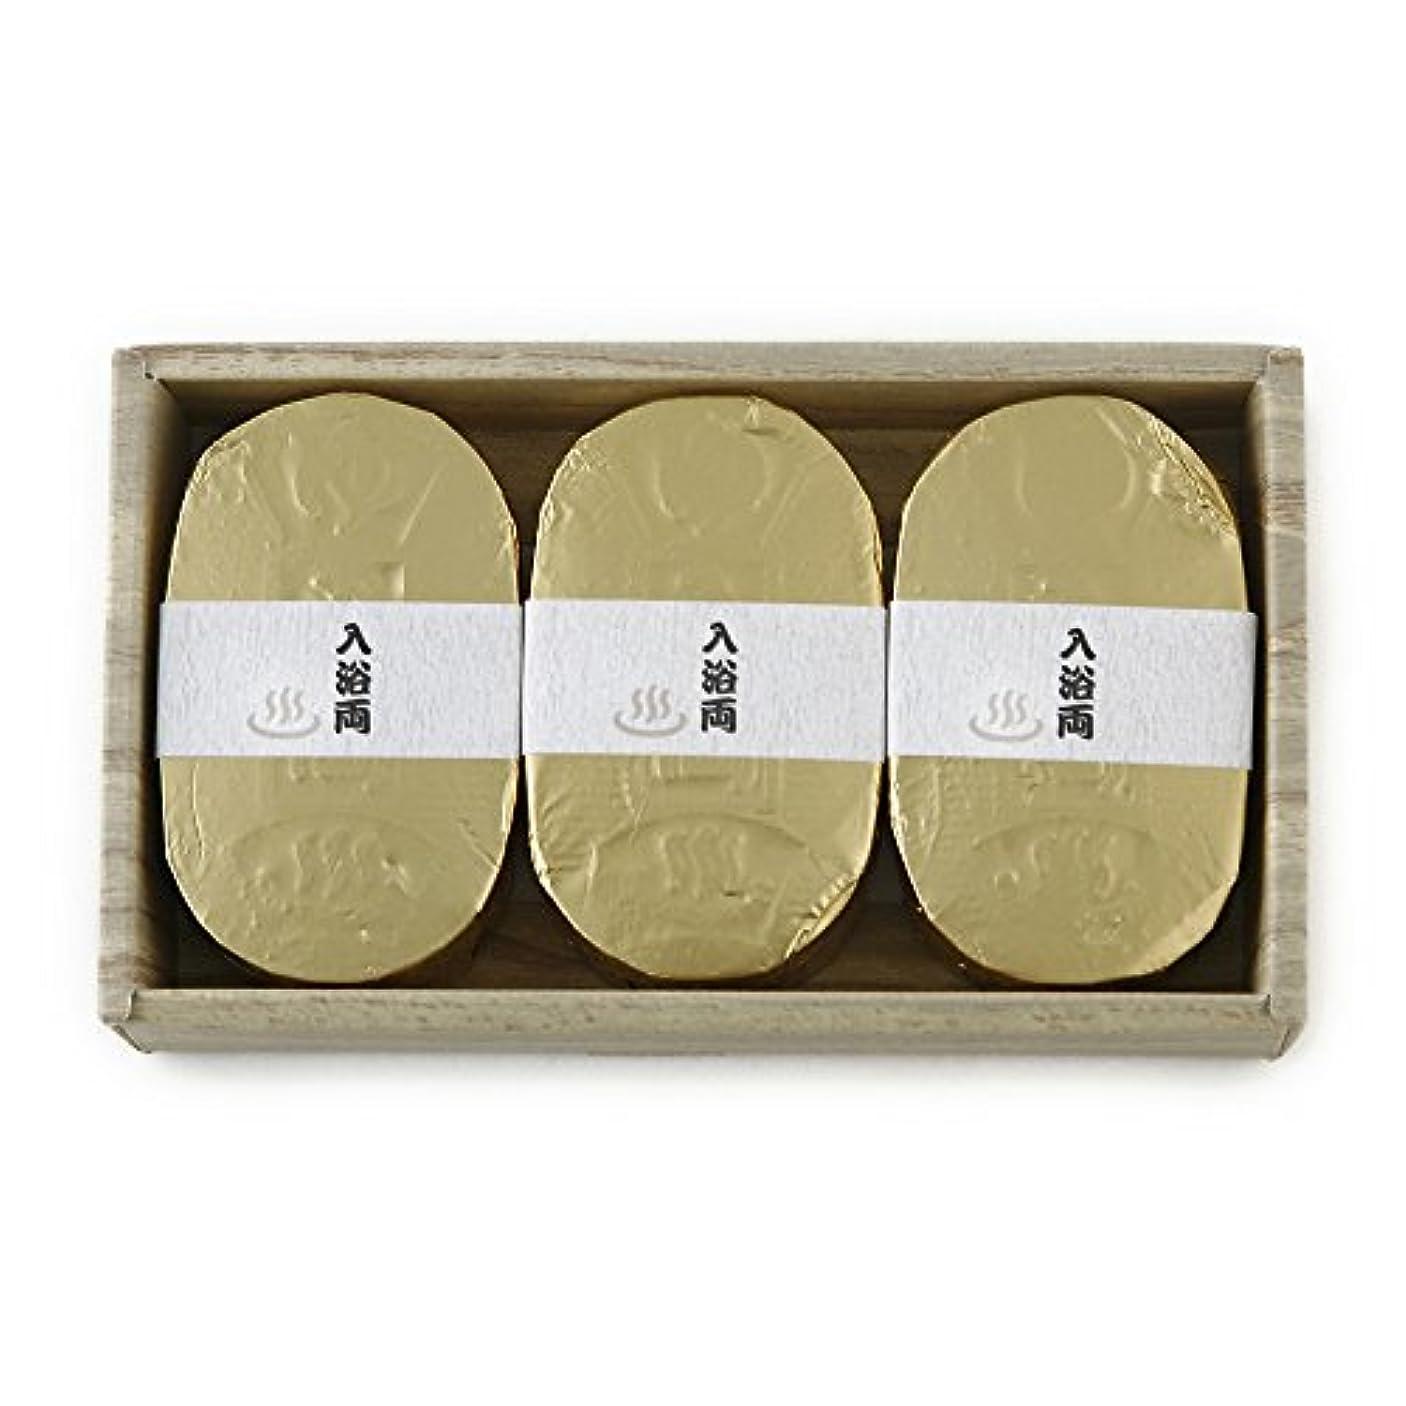 シニス髄終わった小判型バスボム 入浴両 3個入り  864円 30セット